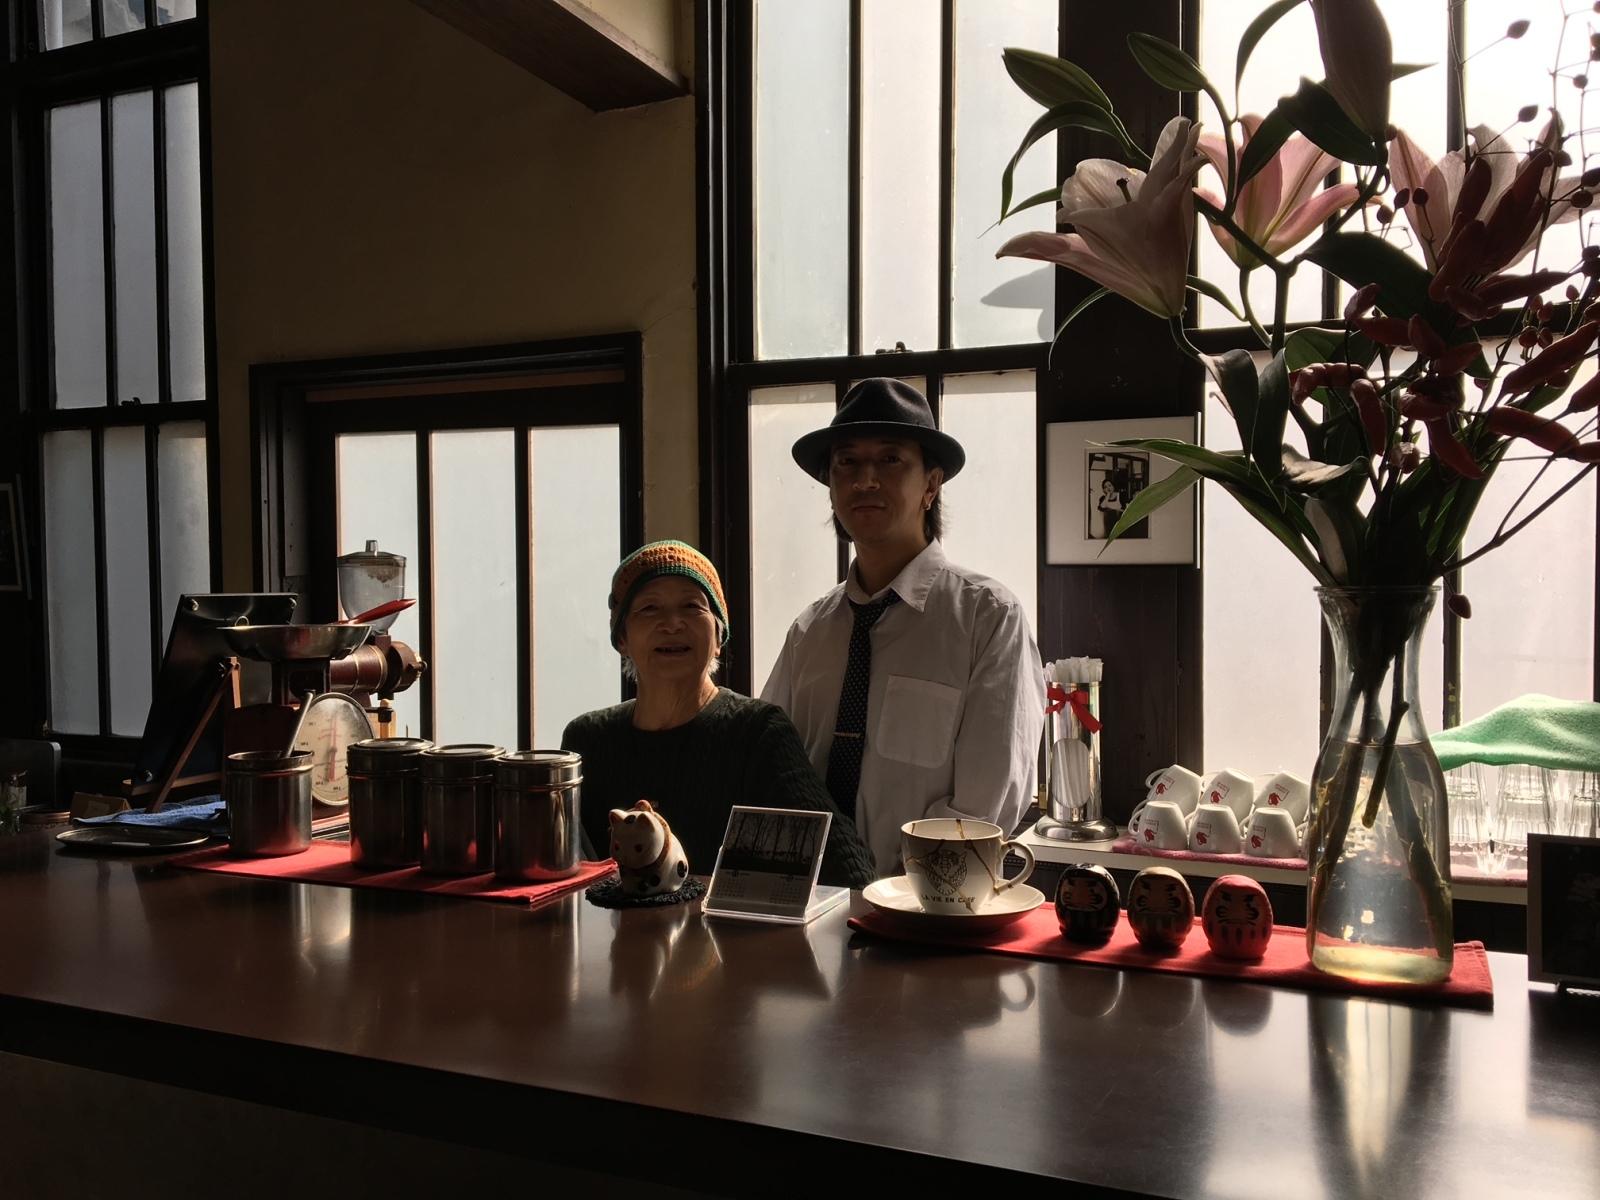 ラヴィアンカフェ店主とお母さん